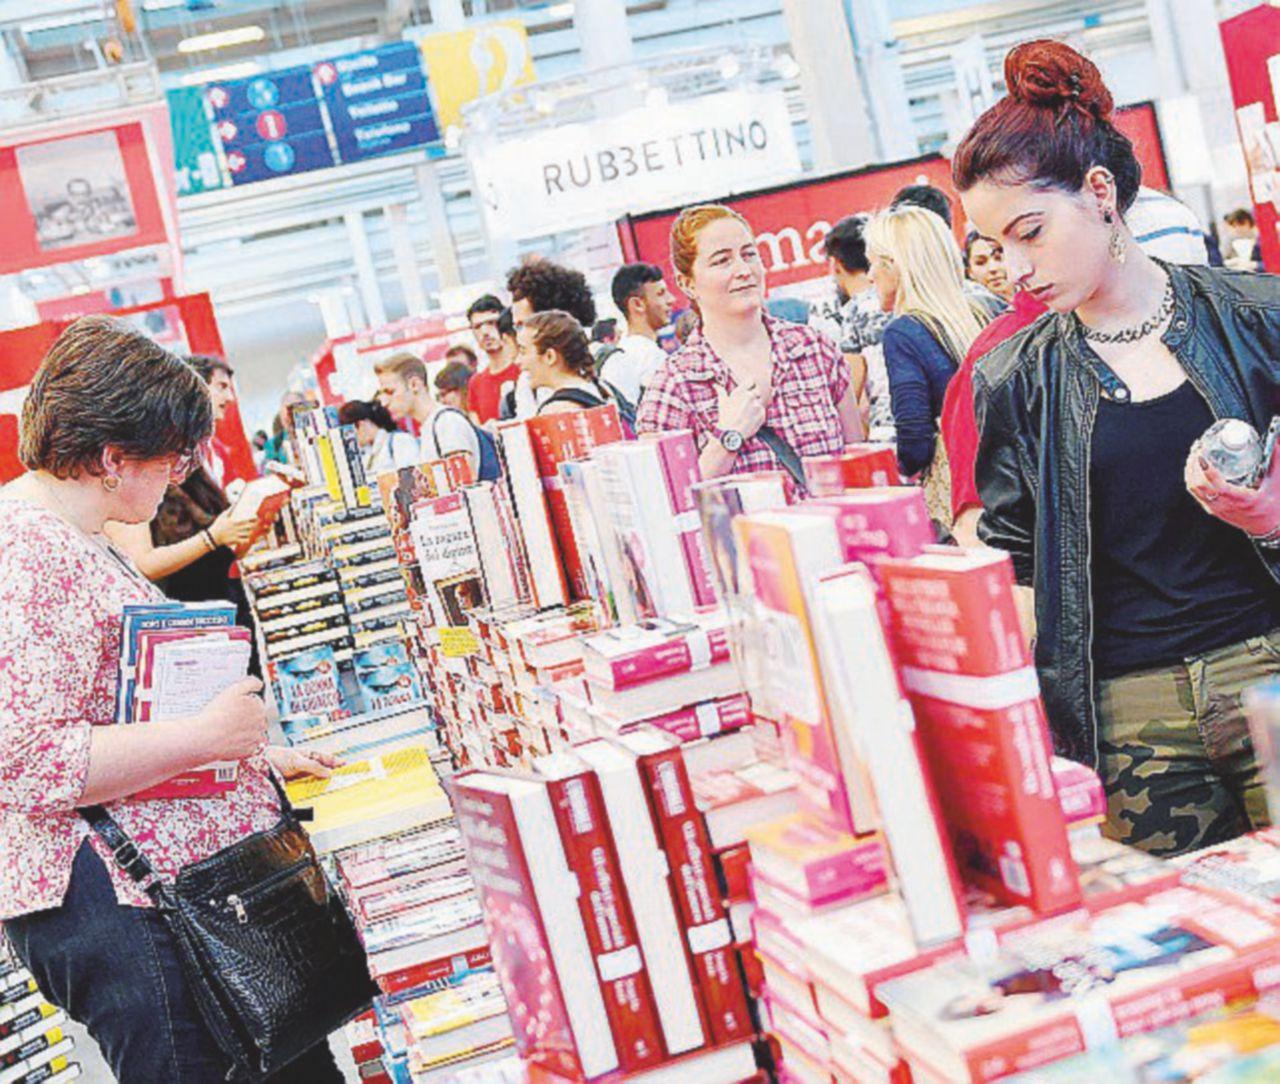 Il Salone del Libro si adegua alla linea: meno soldi e più spese